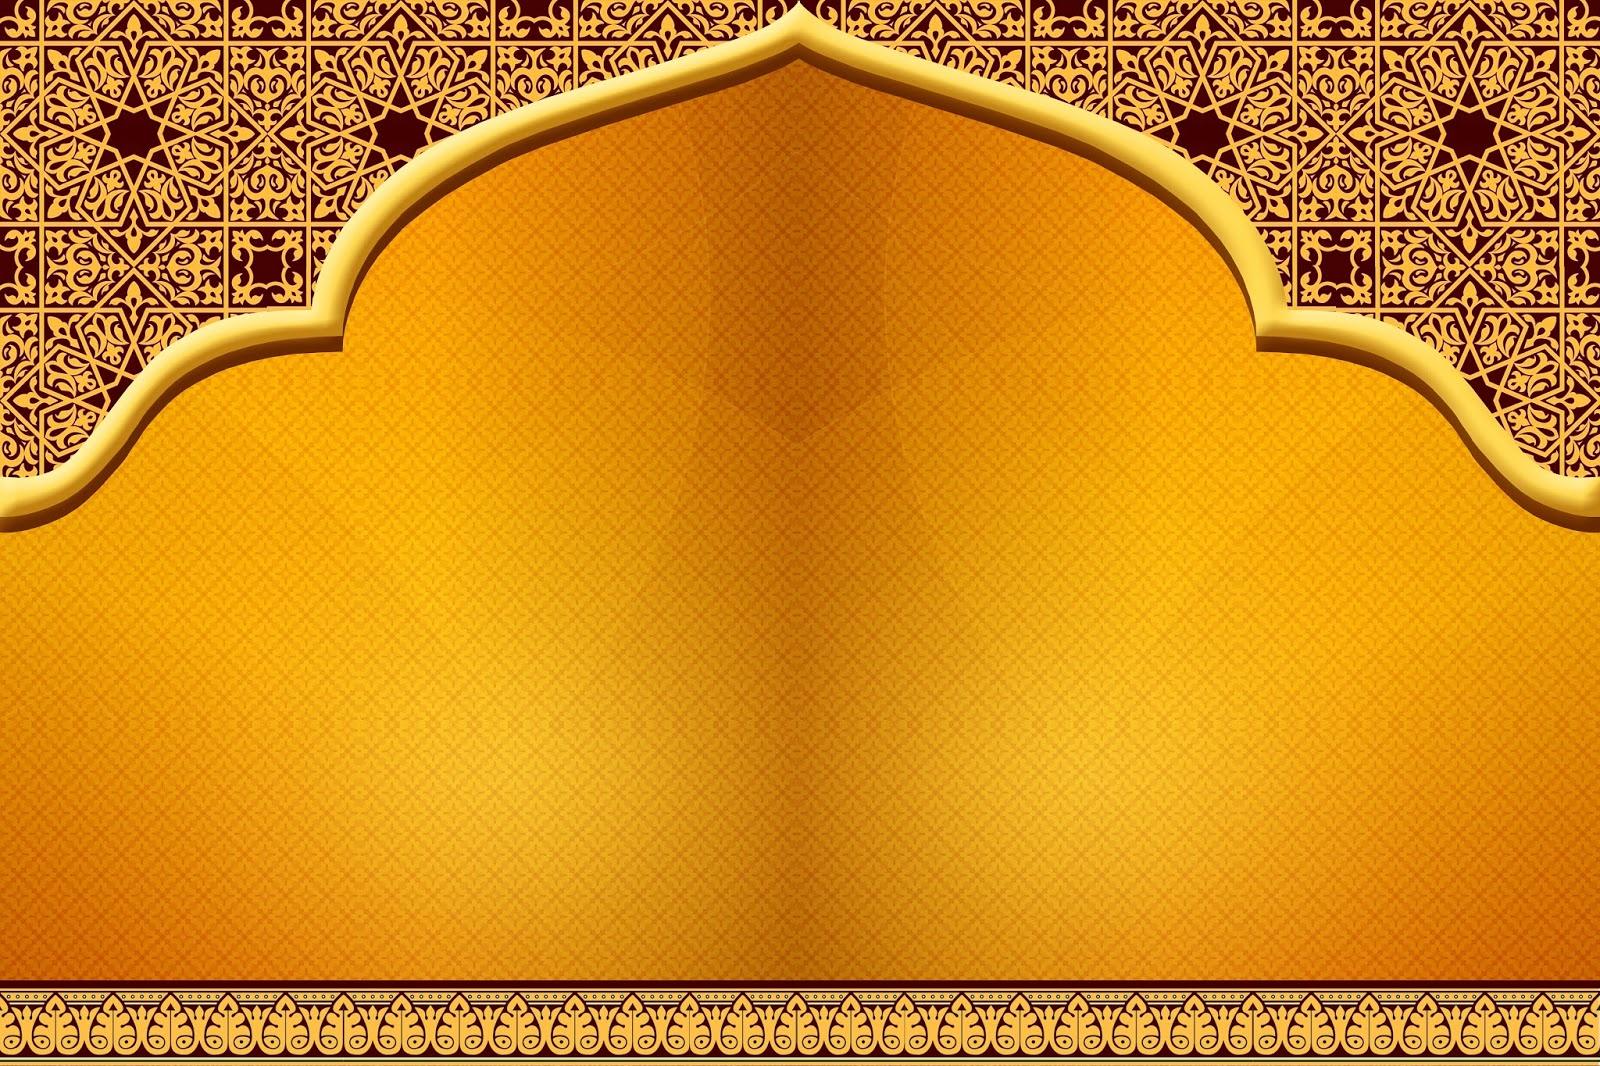 background desain islami